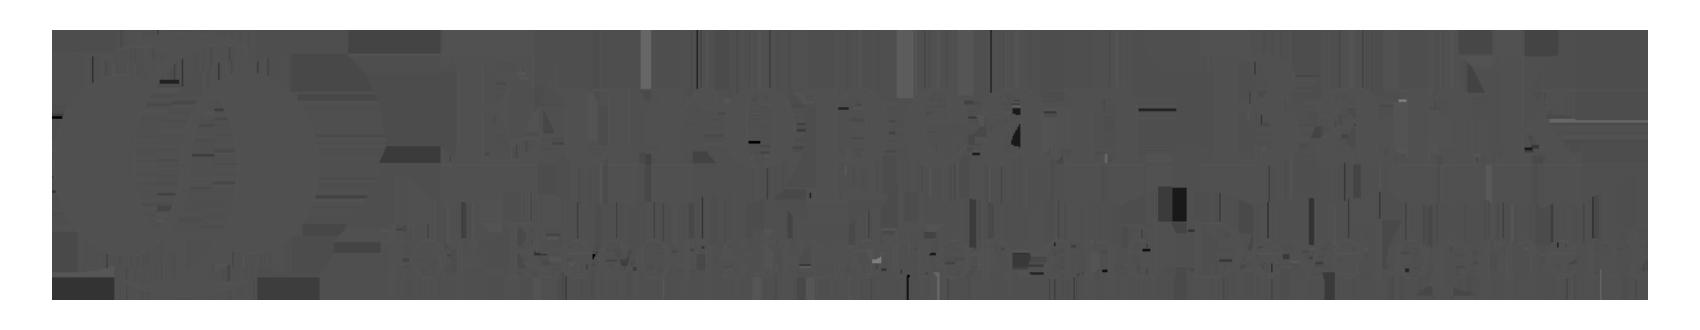 Европейский банк